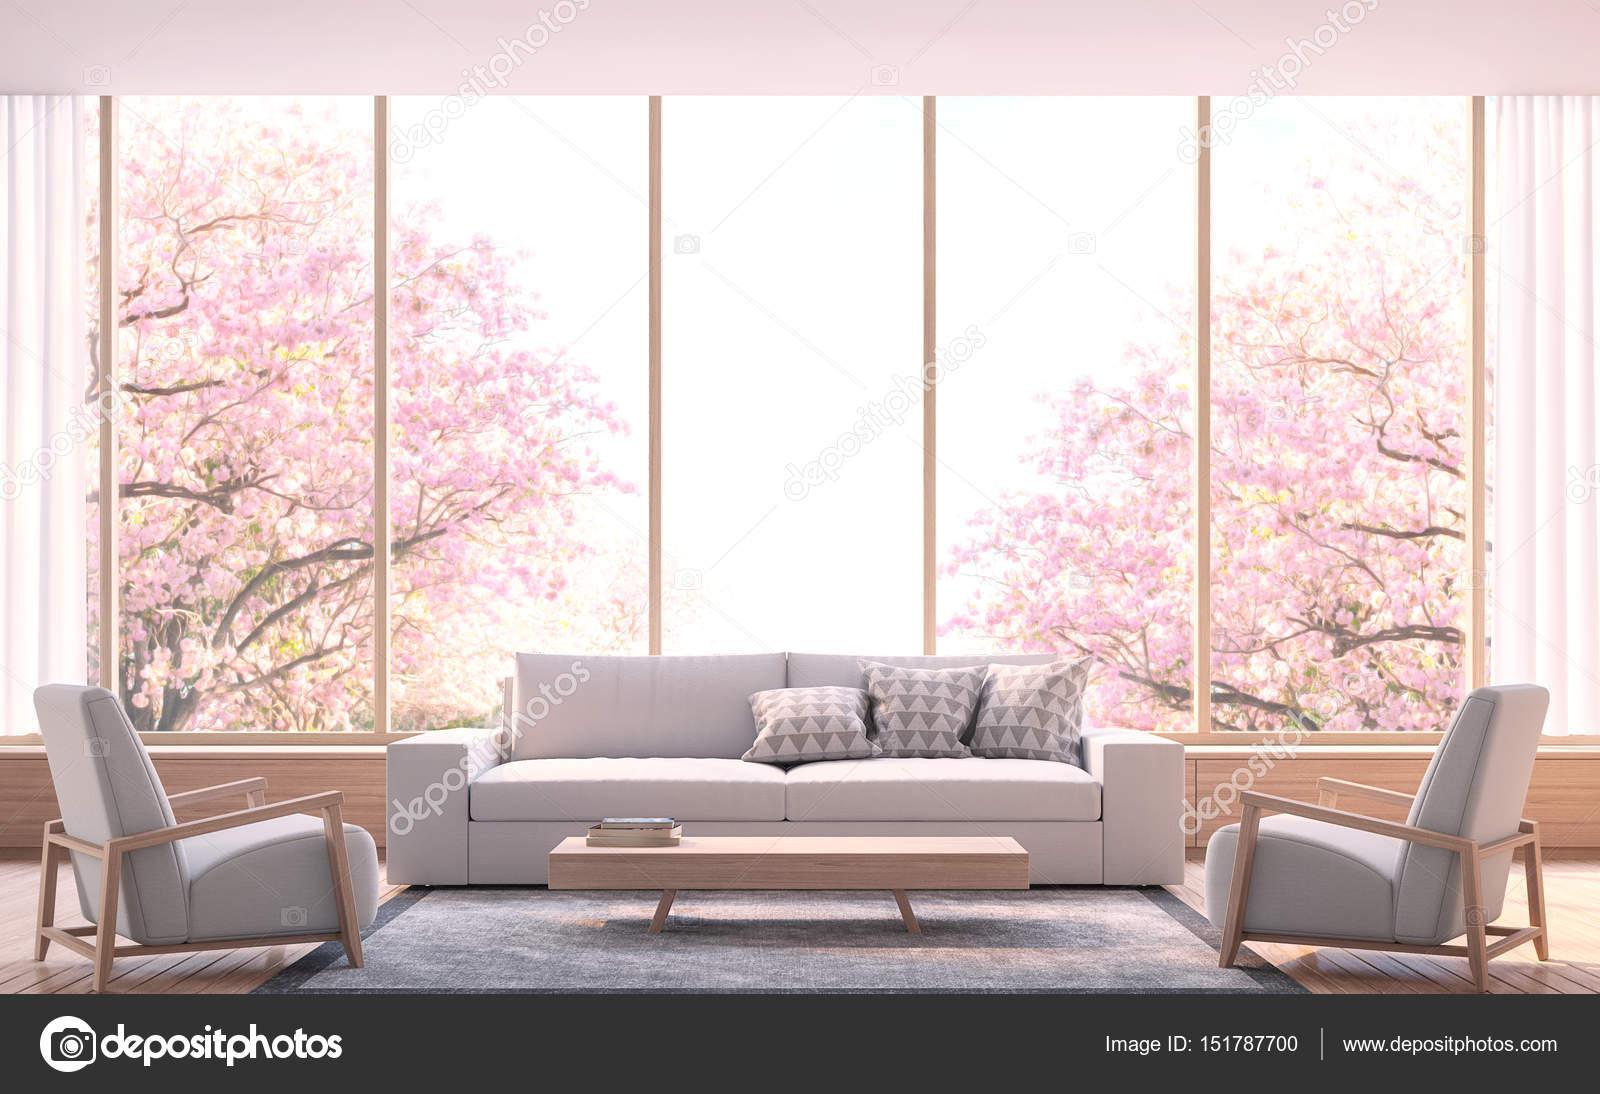 Moderne Wohnzimmer schmücken Raum mit Holz 3D-Bild rendern ...